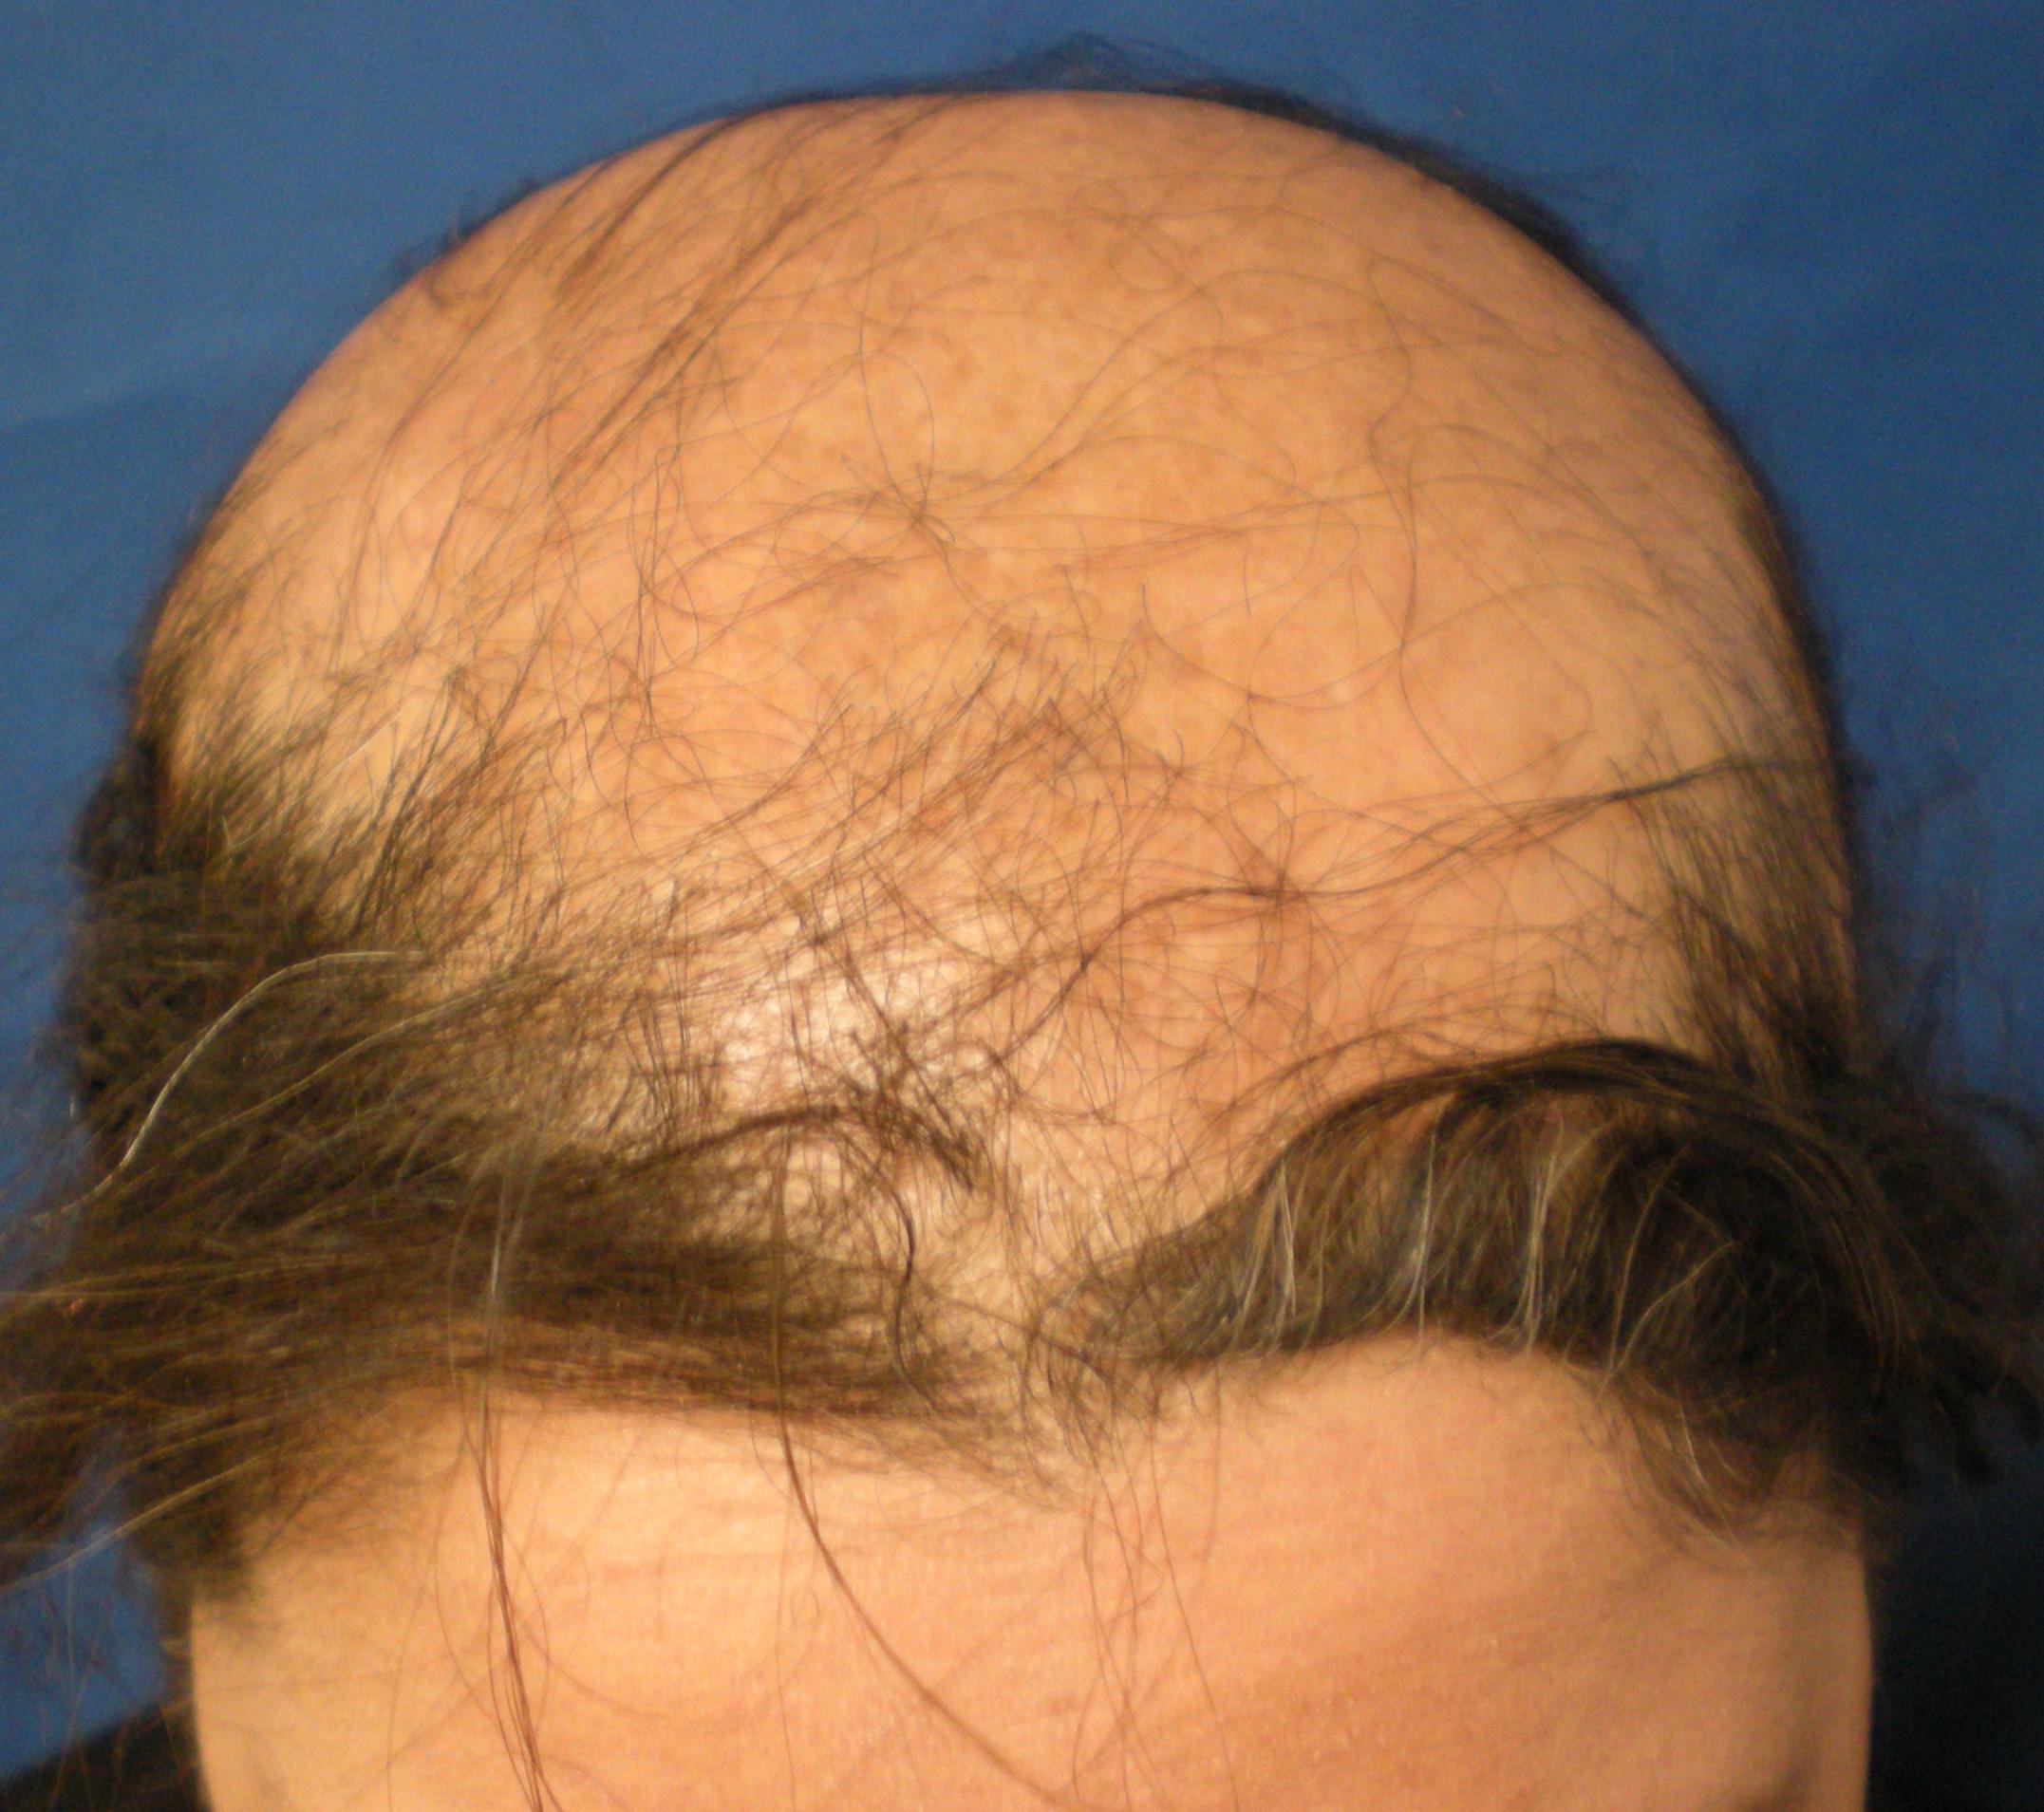 caderea parului alopecia cicatriciala centrala centrifuga